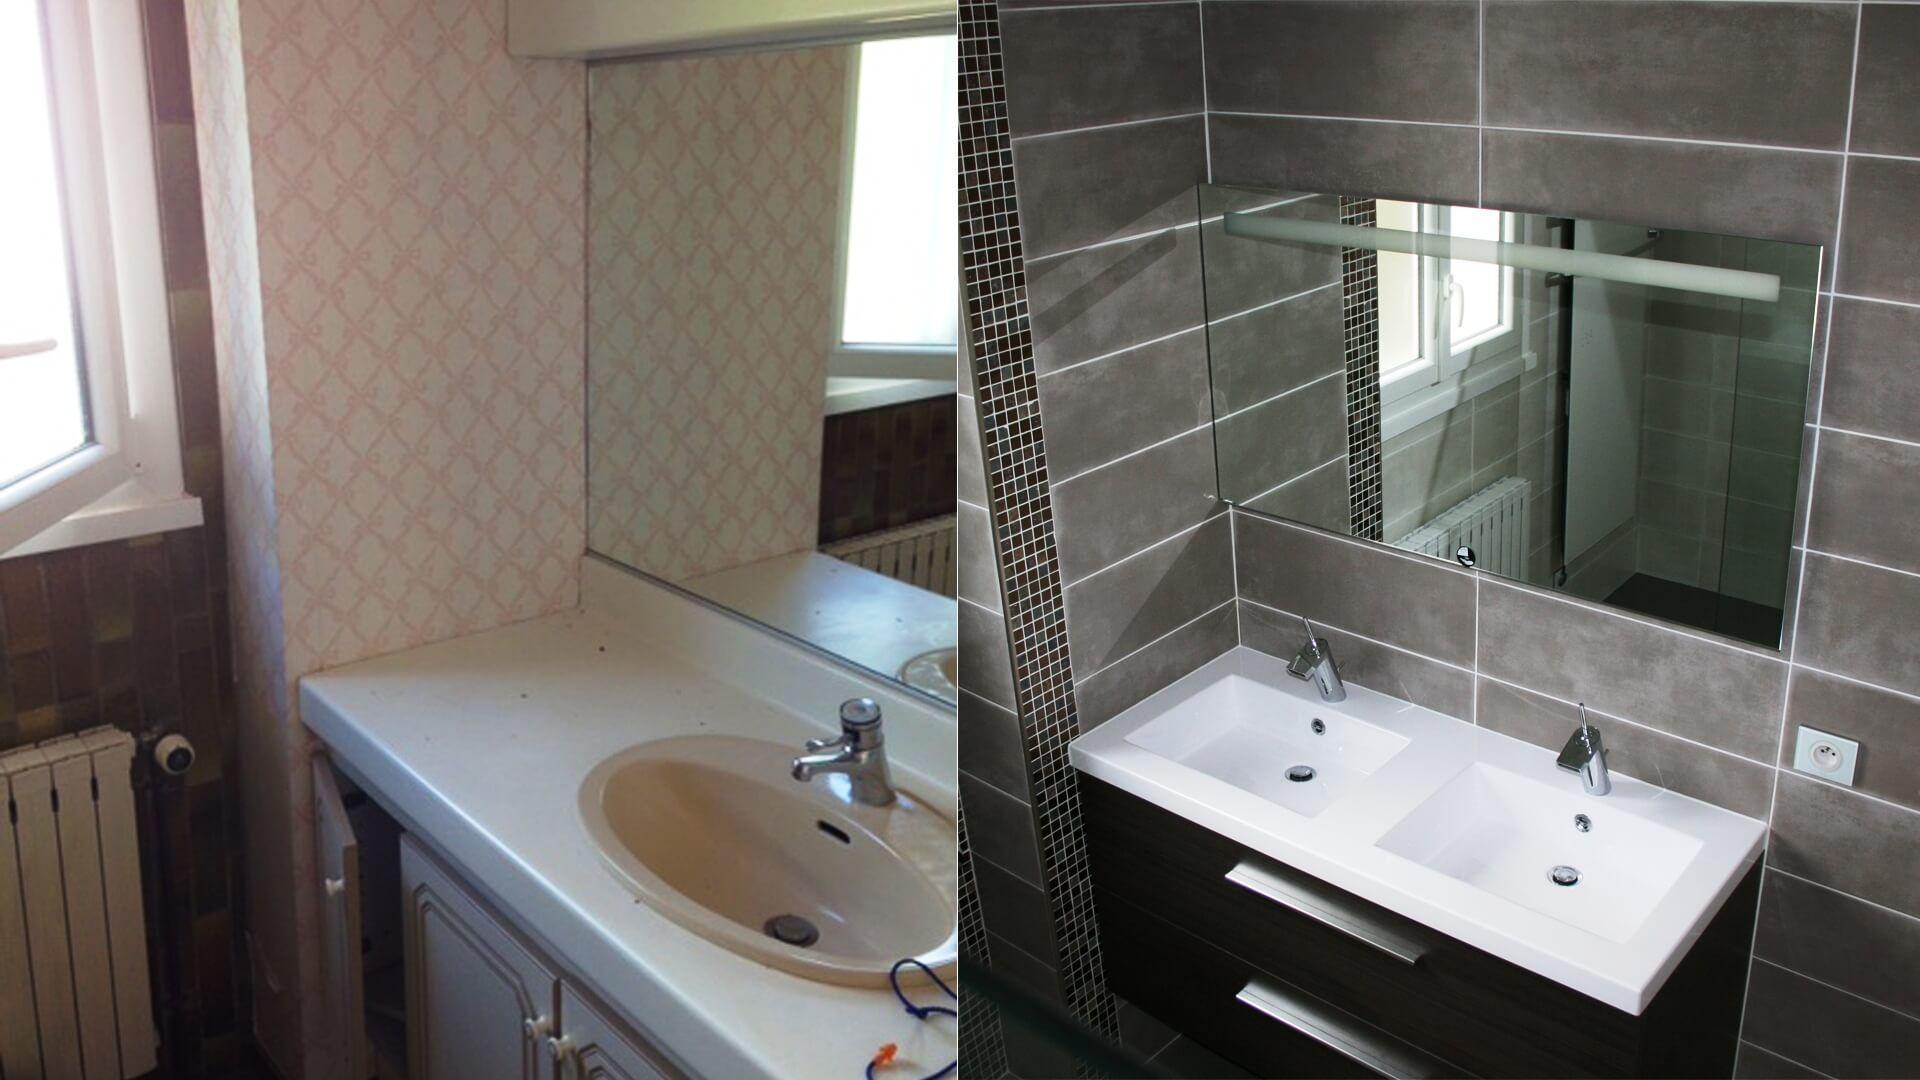 Rénovation salle de bains : conseils pour la pose de carrelage